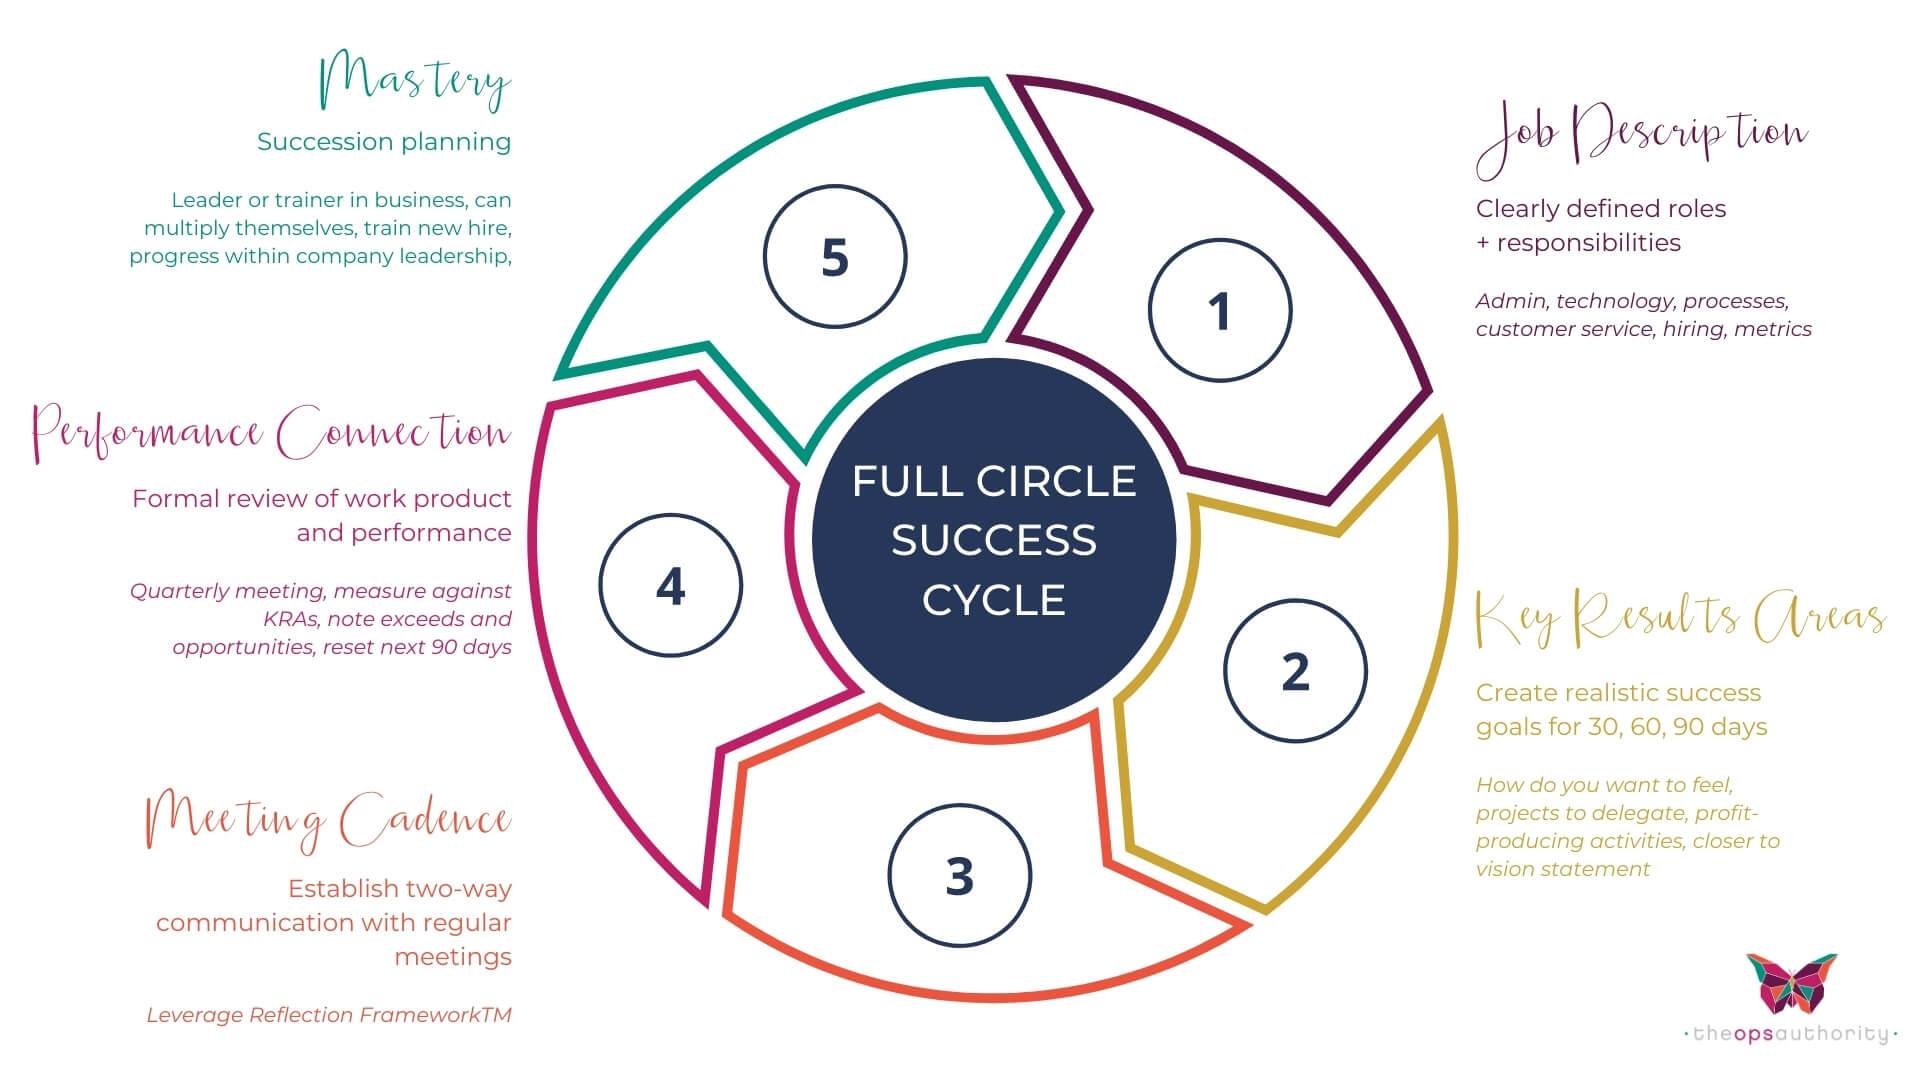 FULL CIRCLE SUCCESS